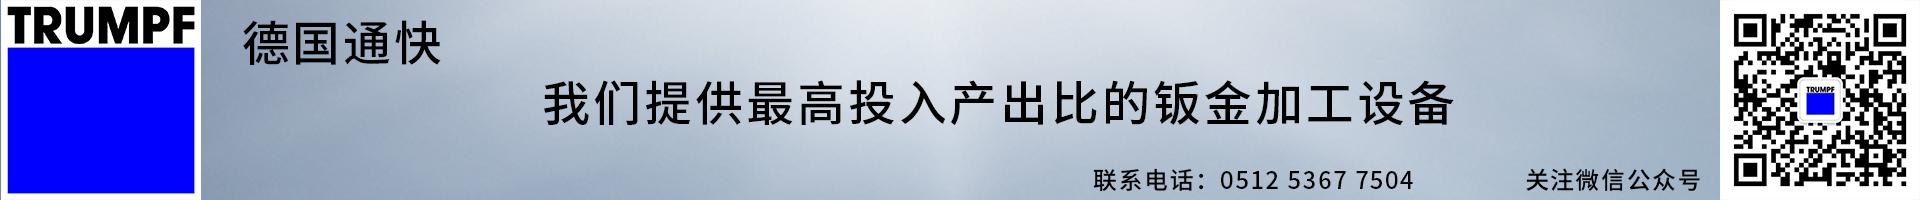 通快(中國)有限公司